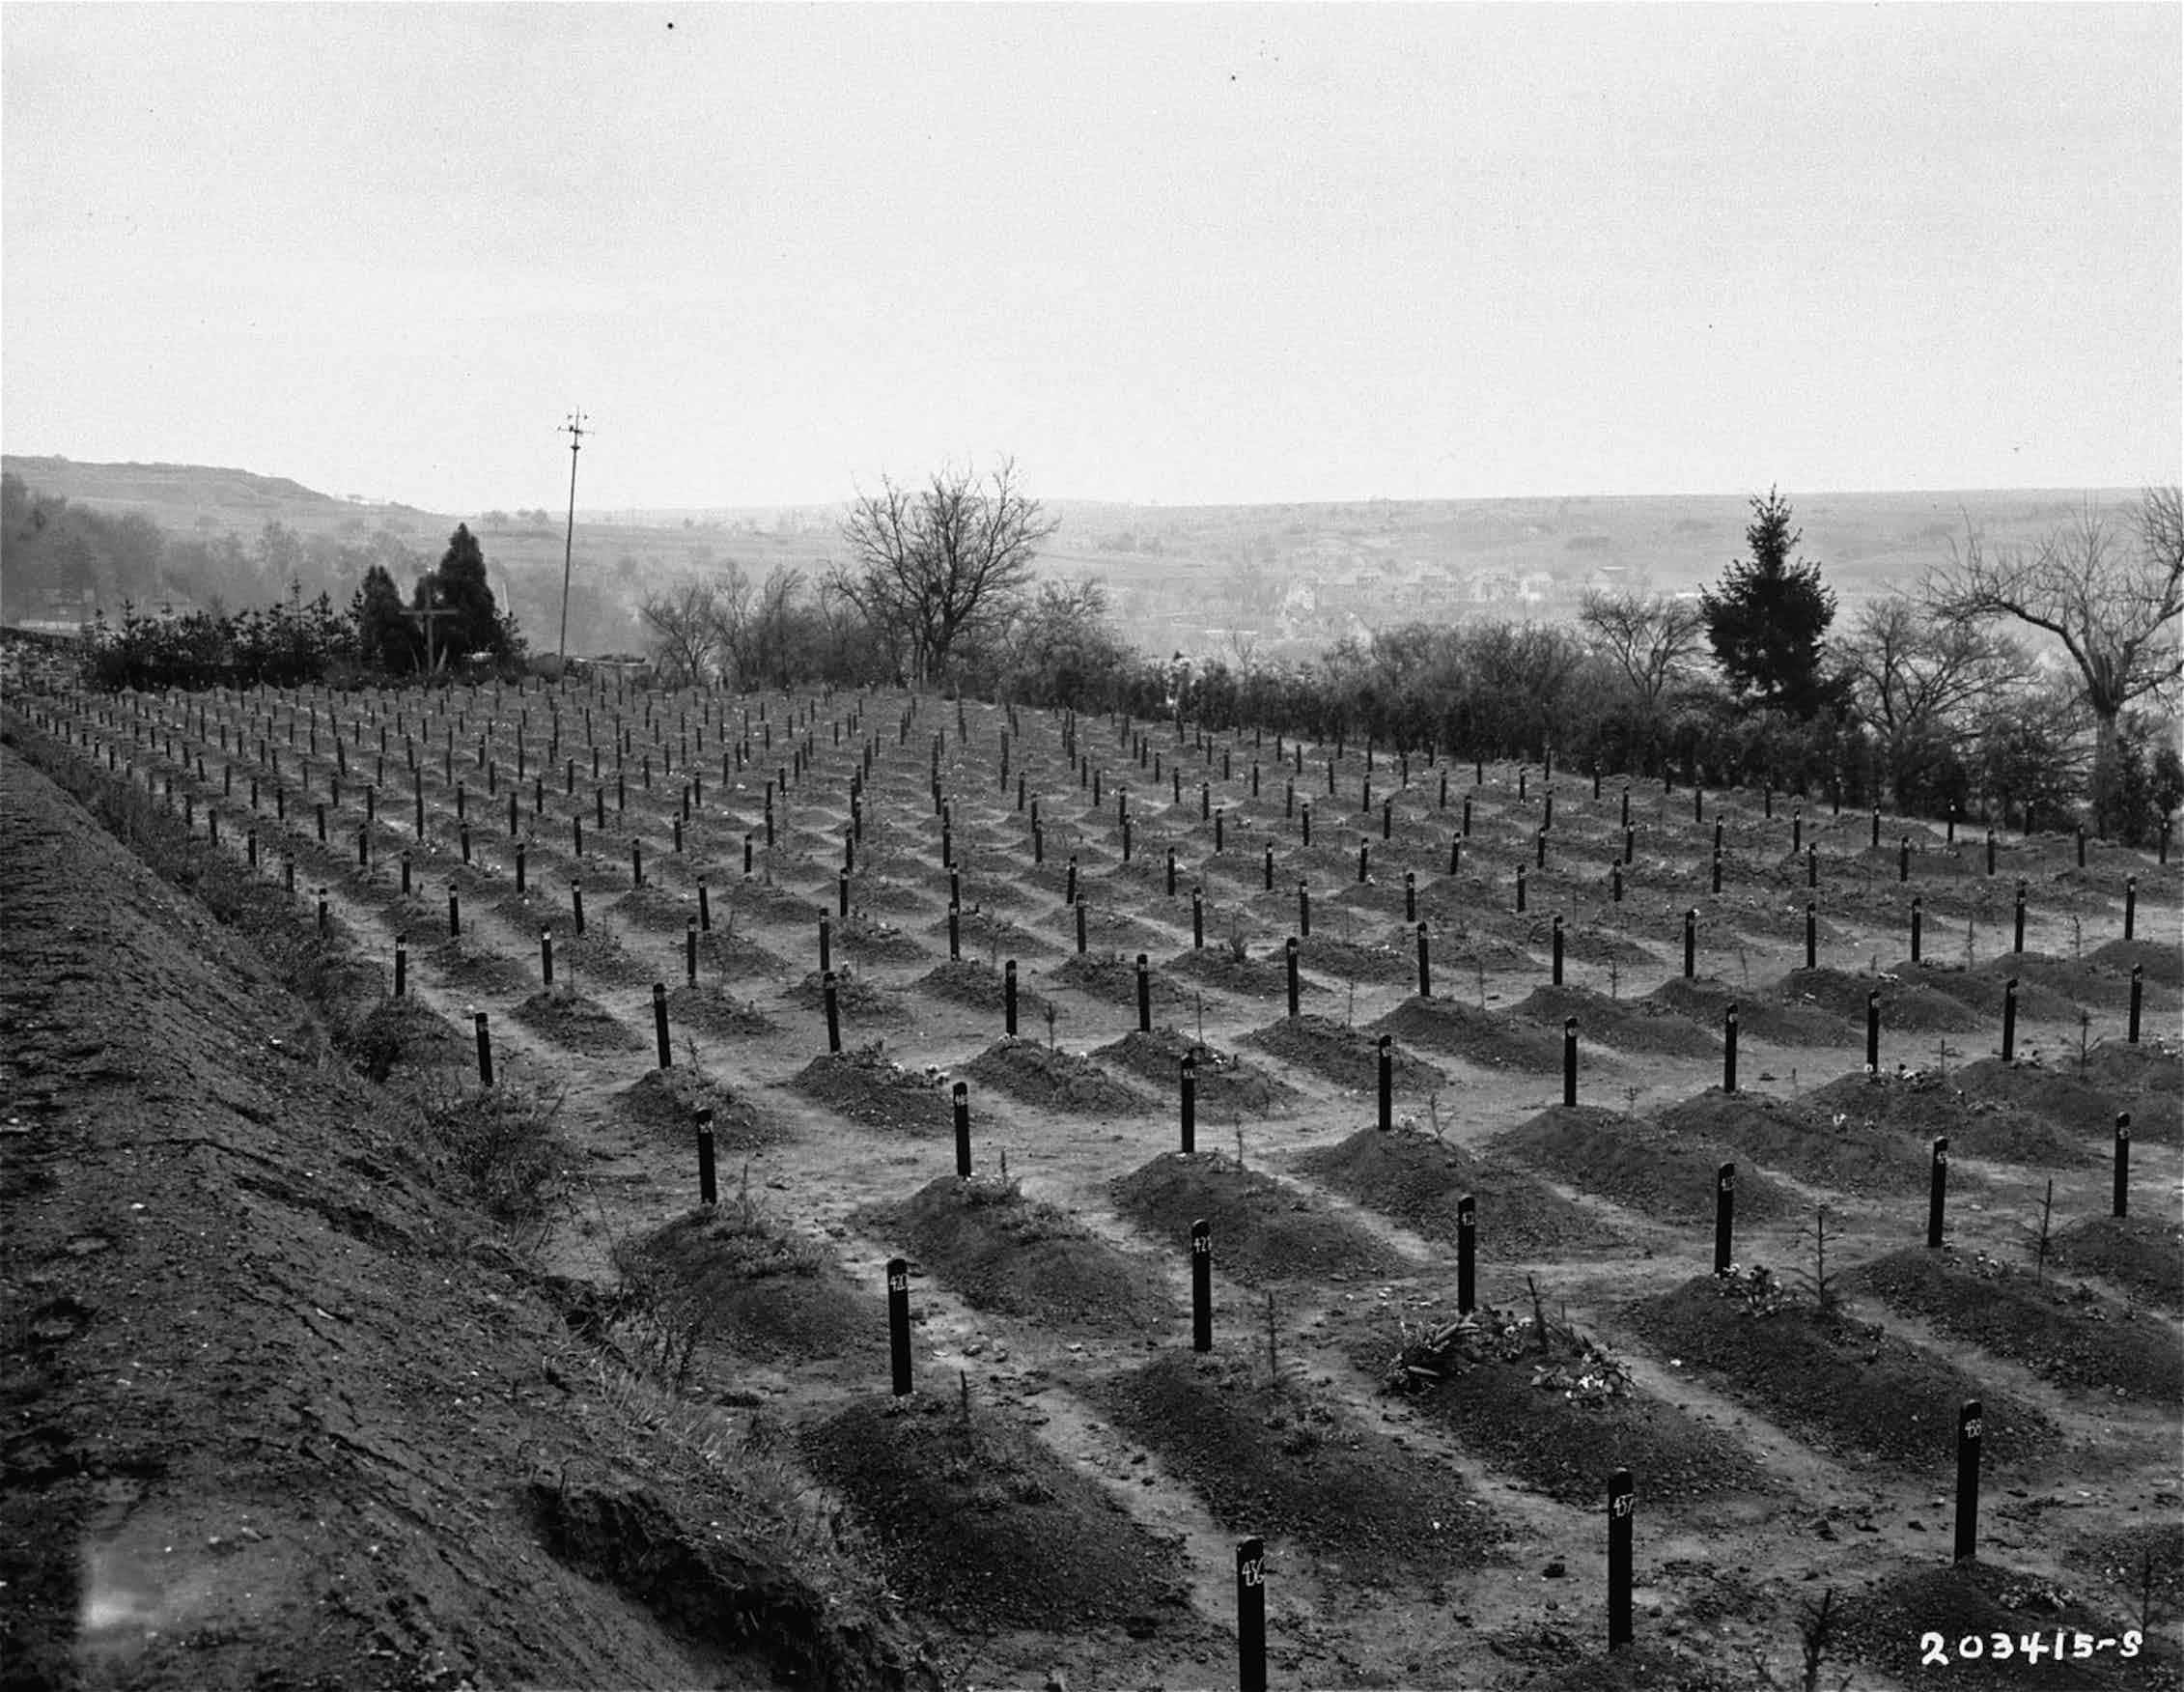 Vista del cementerio del Instituto Hadamar, donde las víctimas del programa de eugenesia nazi fueron enterradas en fosas comunes.Holocaust Memorial Museum